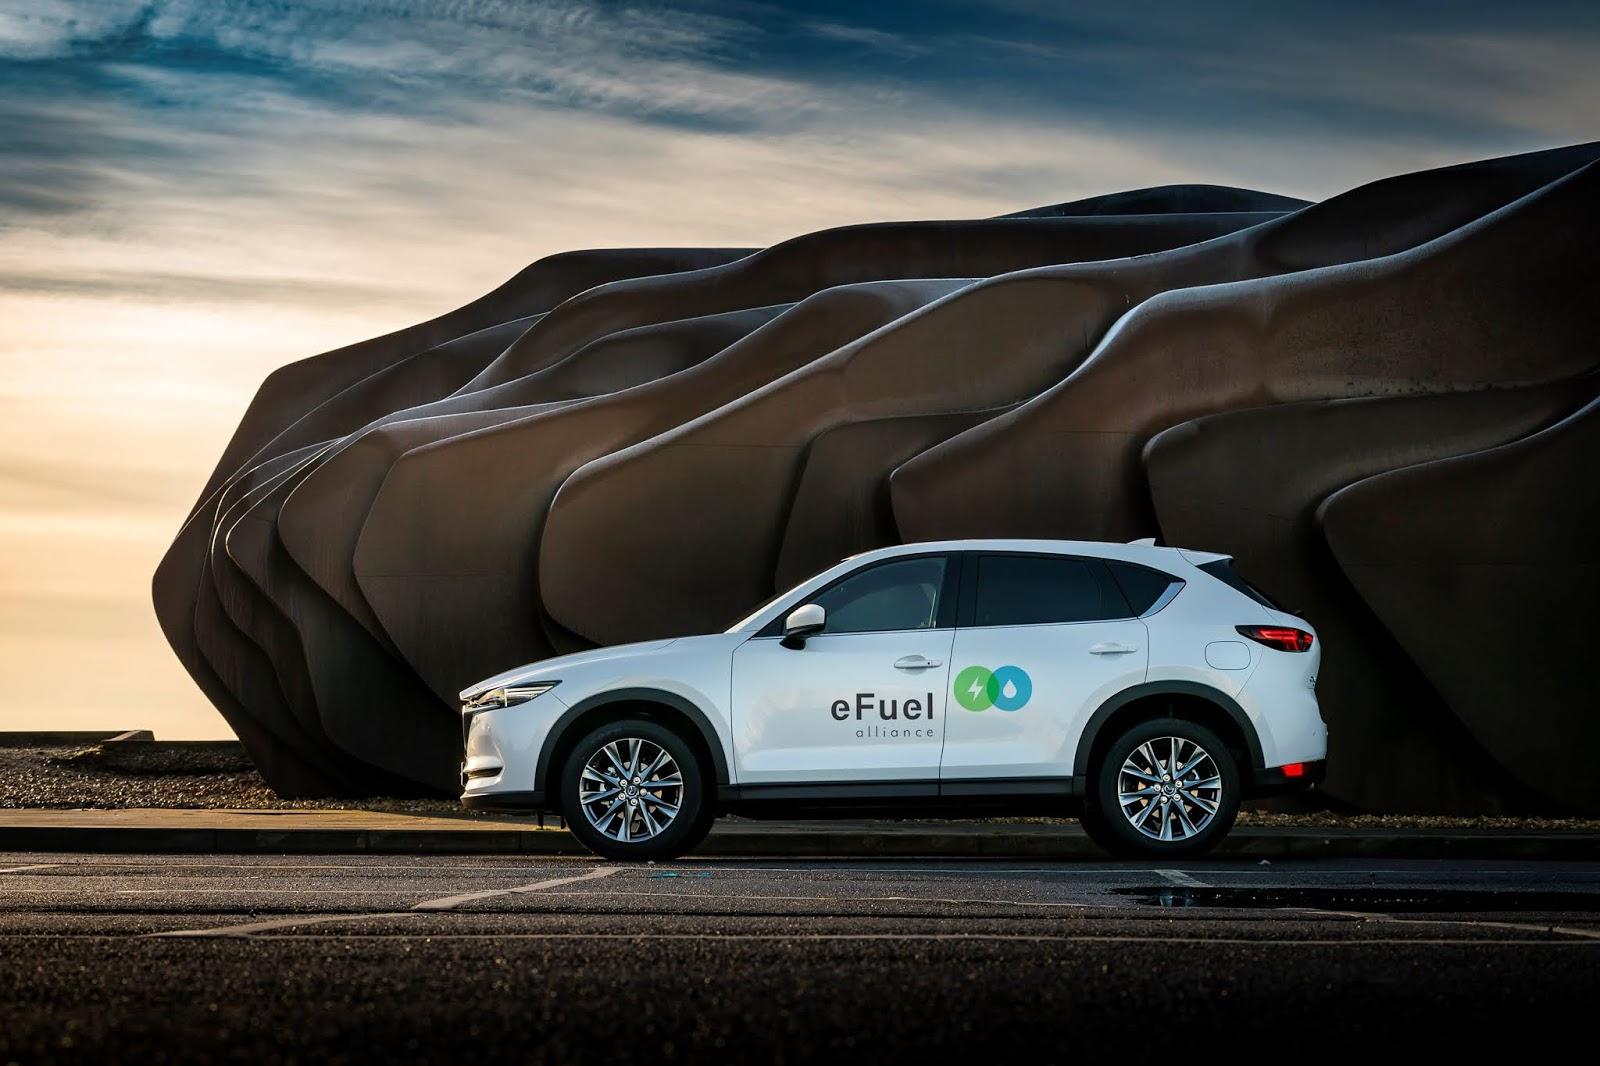 Mazda eFuelAlliance 01 0102212B252812529 Mazda : Η πρώτη που συμμετέχει στη συμμαχία eFuel Alliance